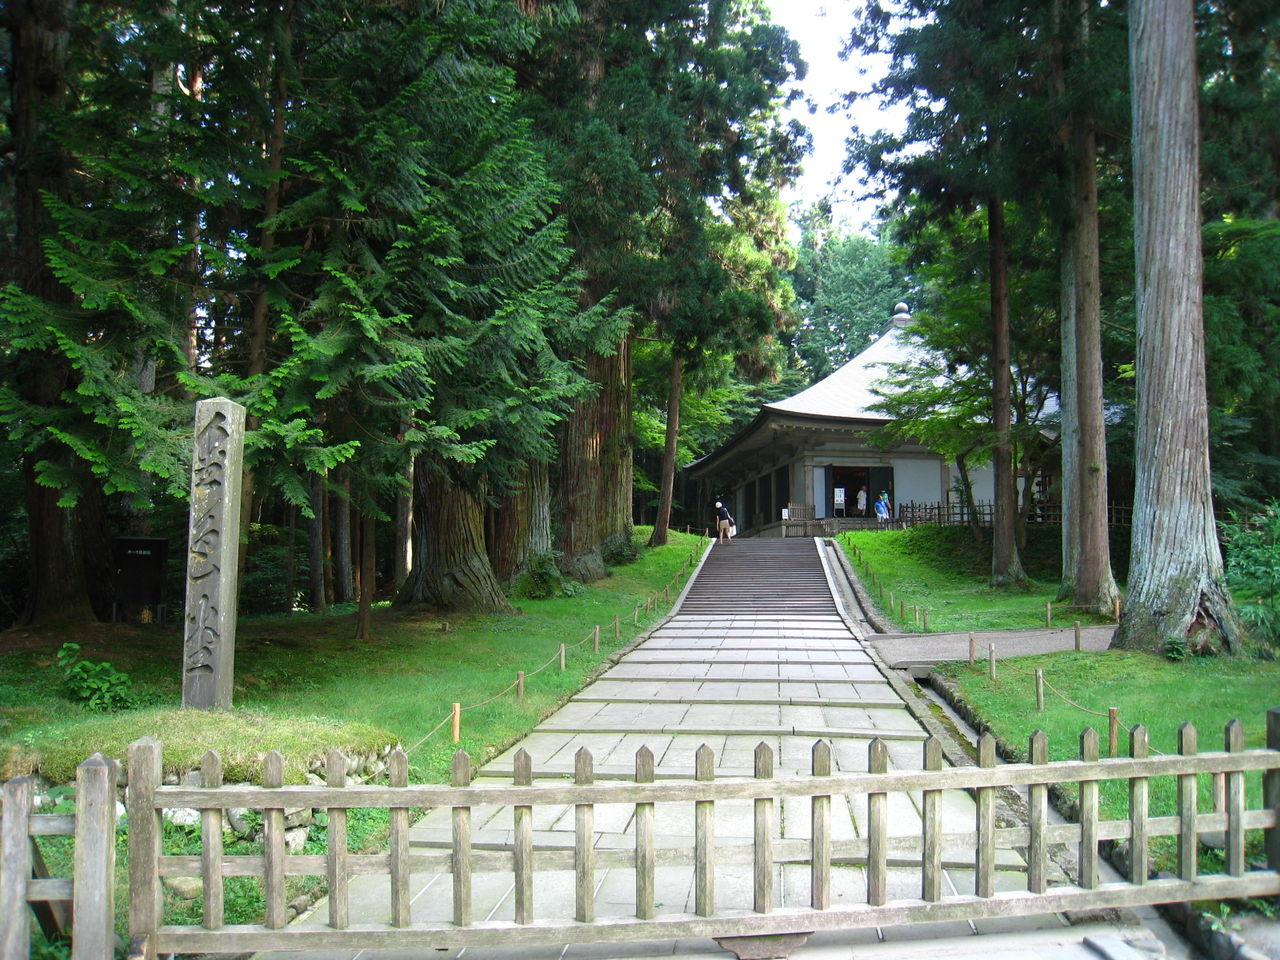 中尊寺の画像 p1_31